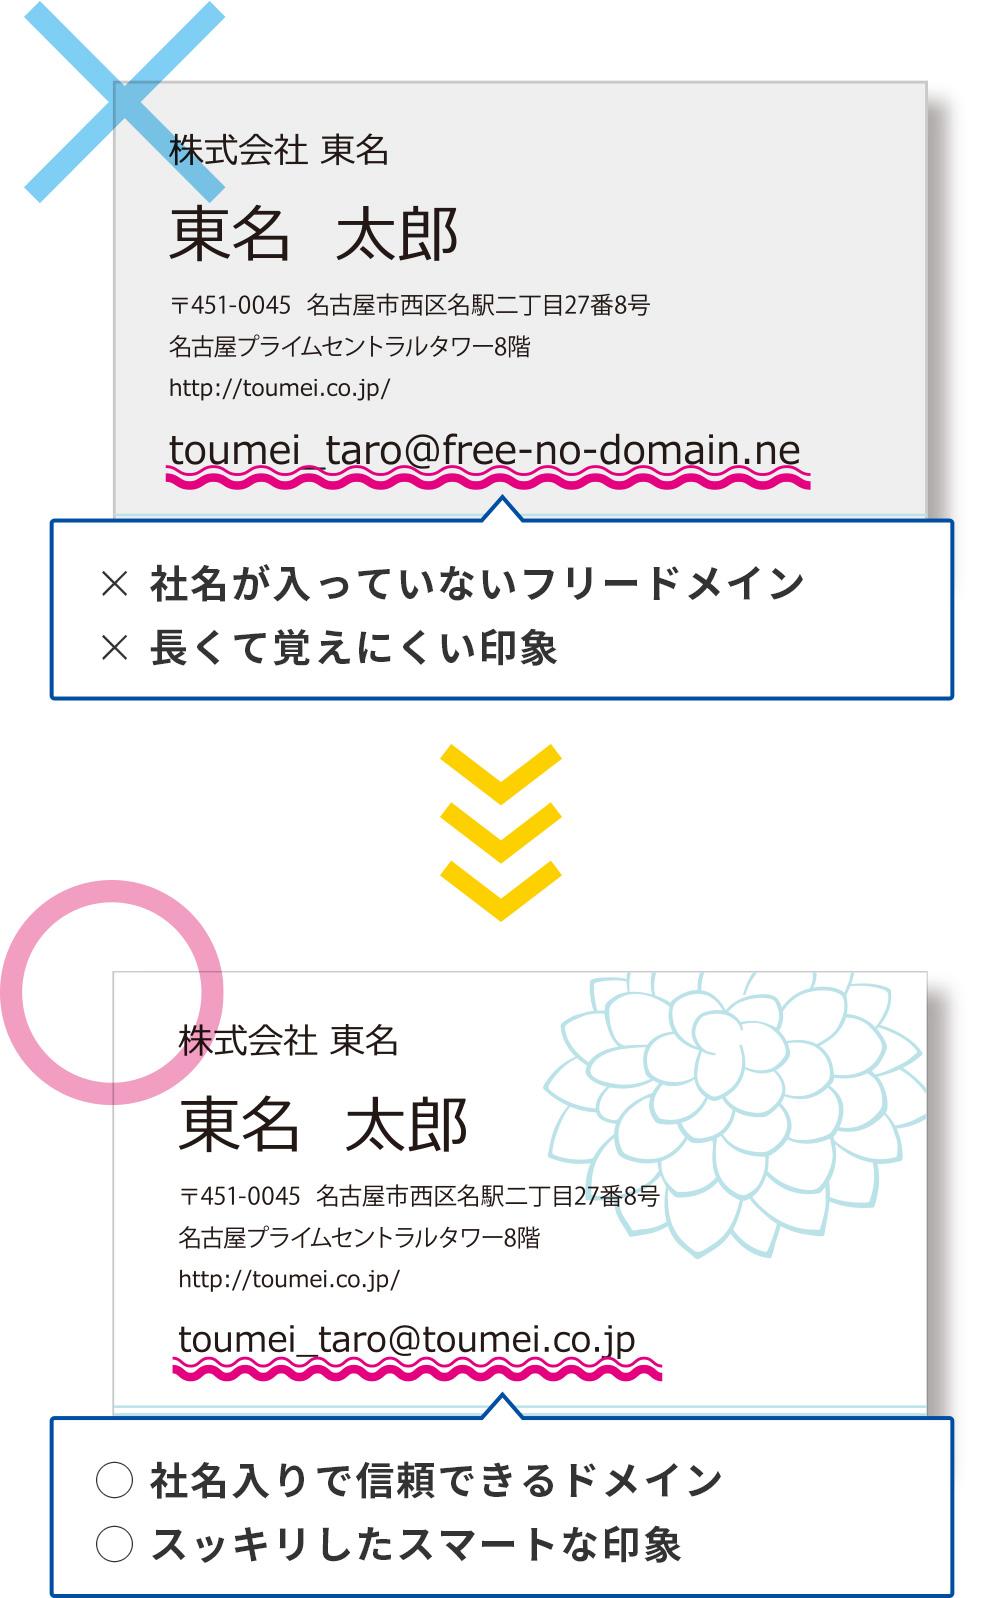 フリードメインのメール:×社名が入っていないフリードメイン/×長くて覚えにくい印象 自社ドメインのメール:◯社名入りで信頼できるドメイン/◯スッキリしたスマートな印象